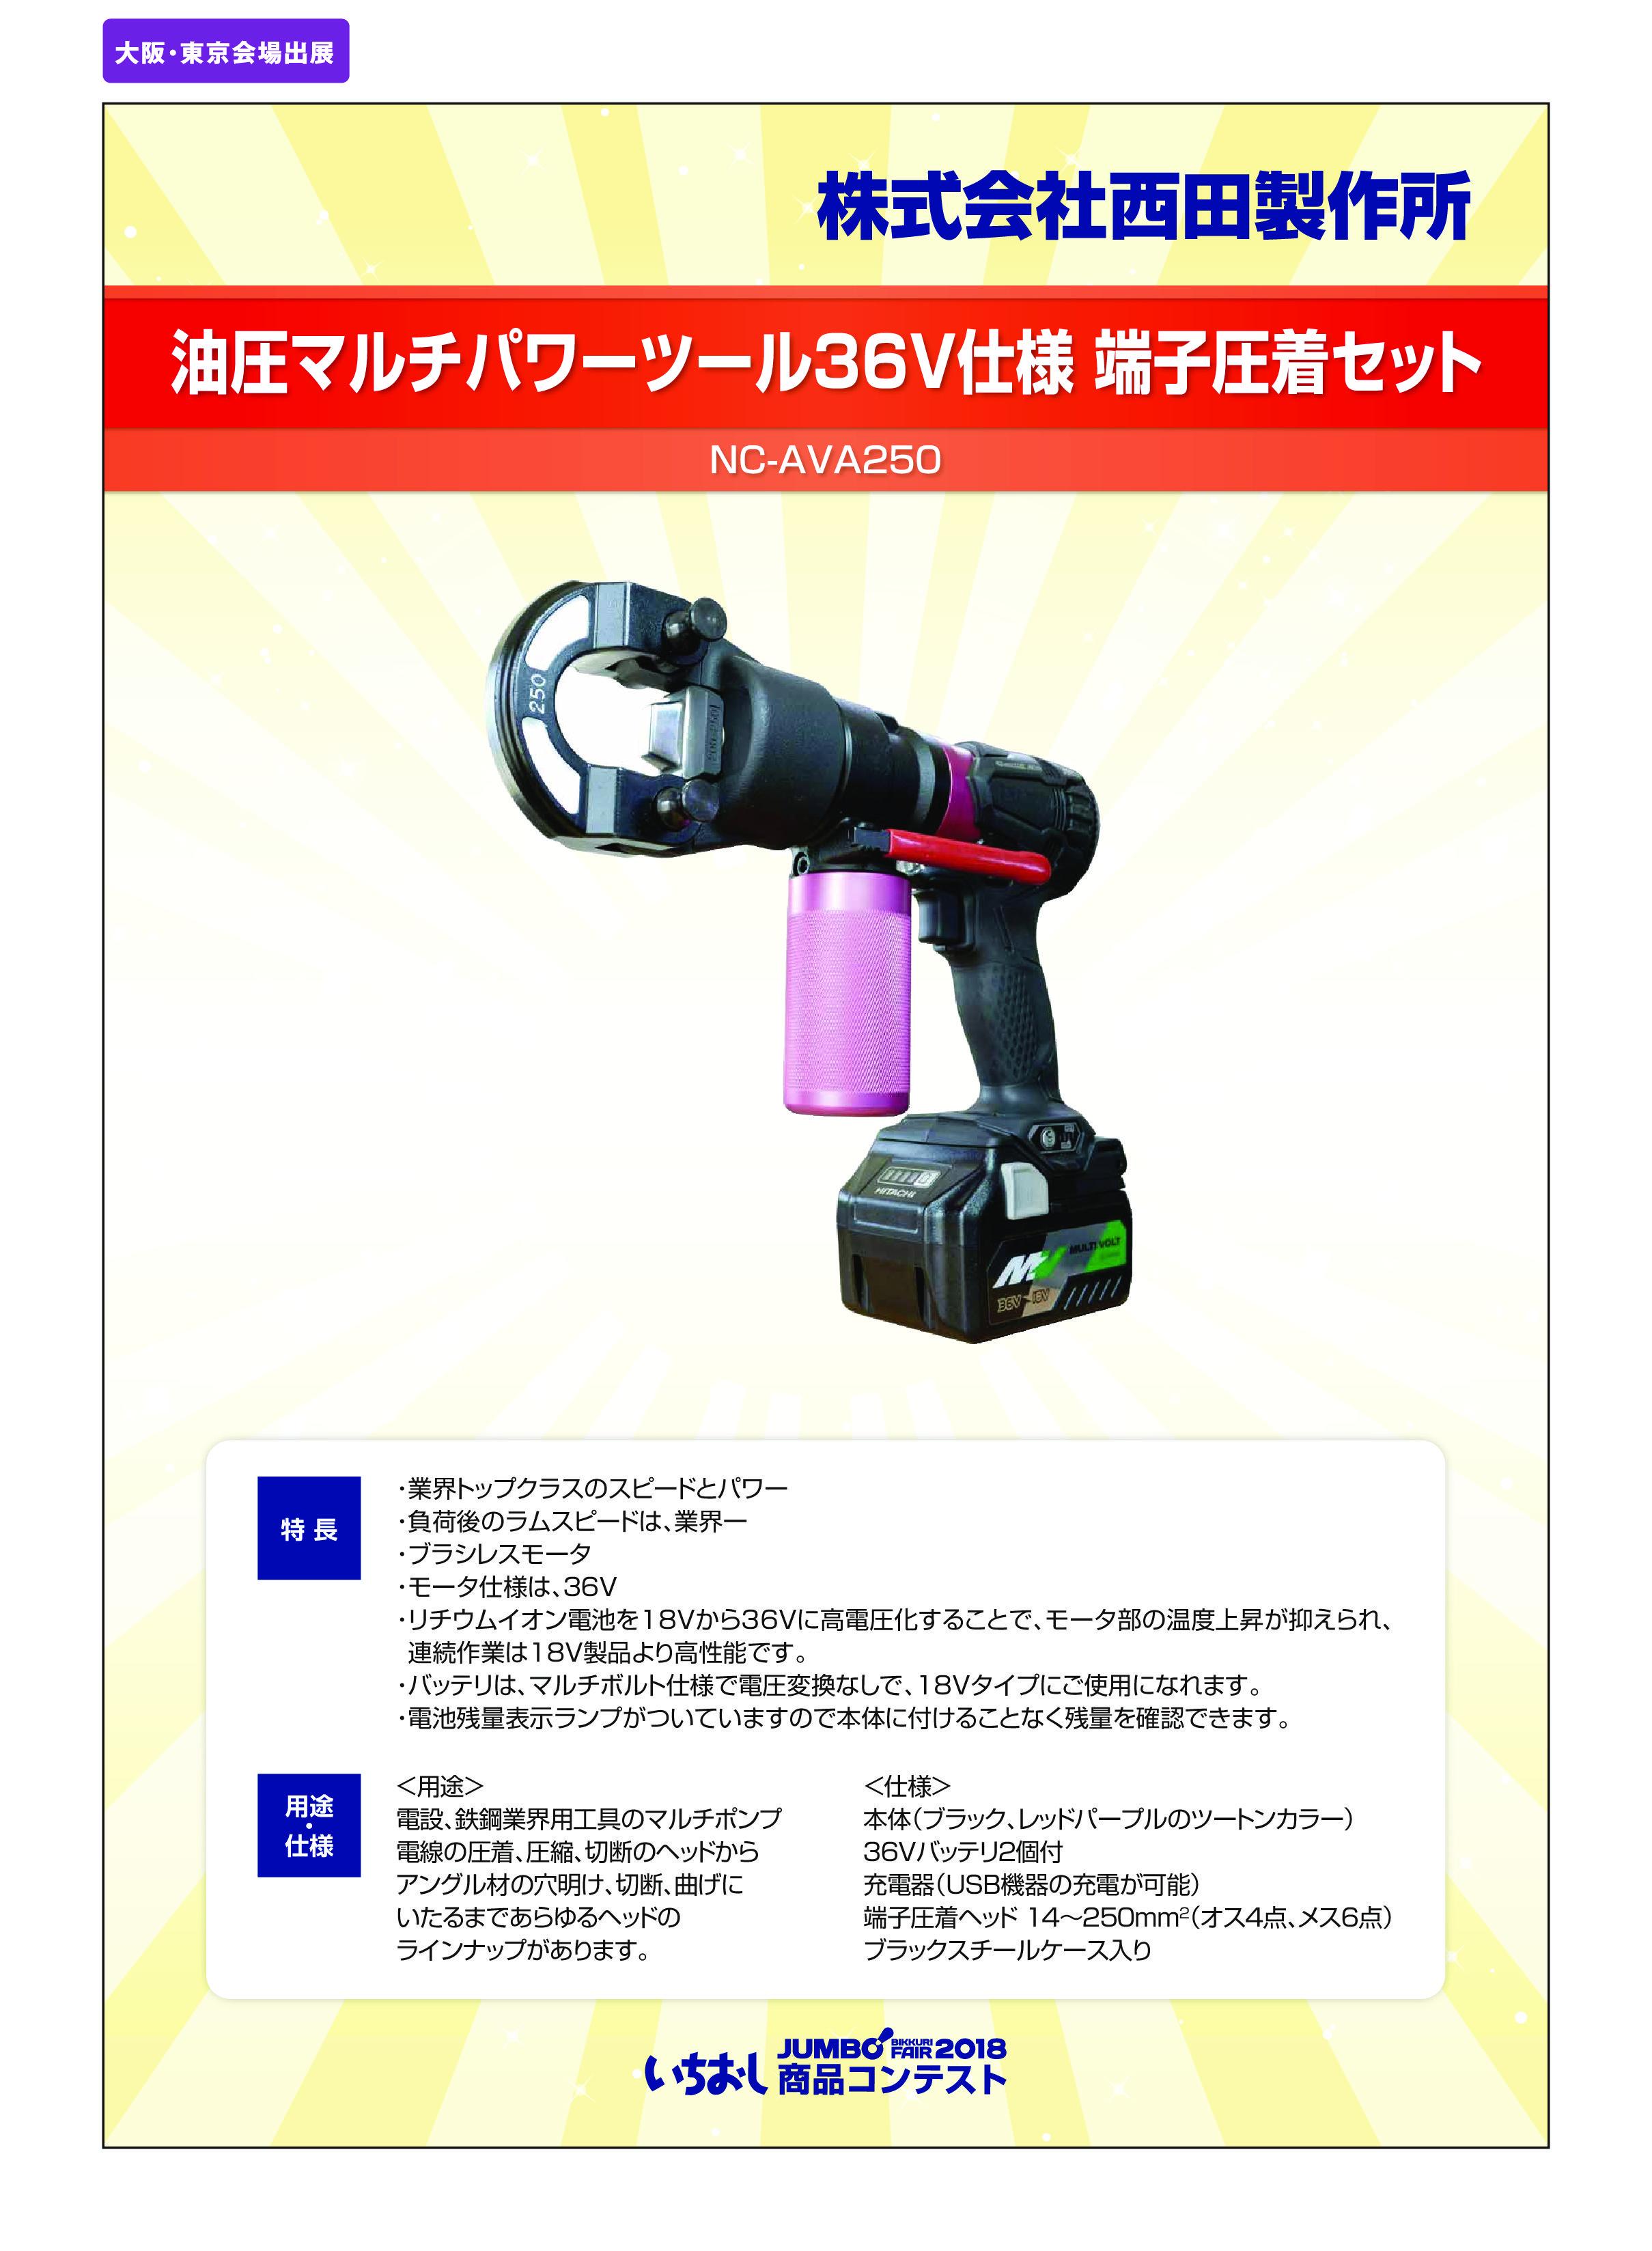 「油圧マルチパワーツール36V仕様 端子圧着セット」株式会社西田製作所の画像